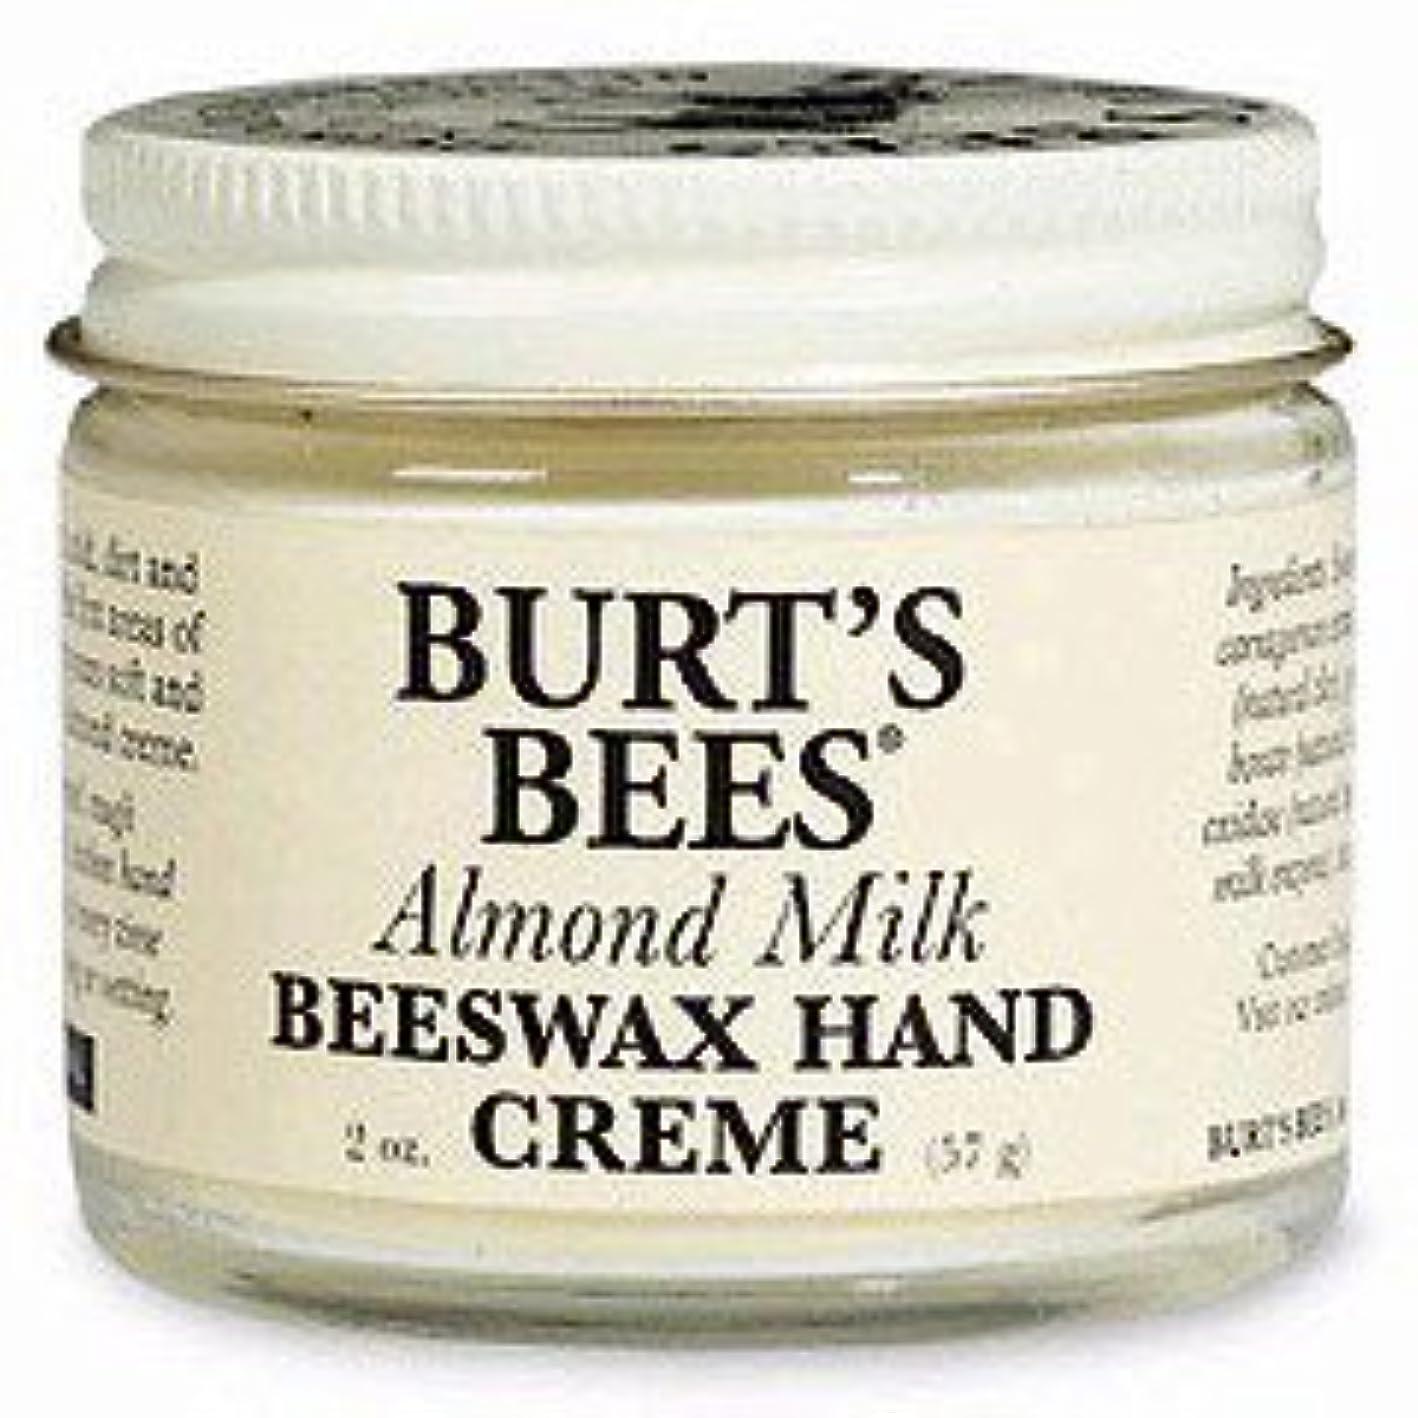 矢じり相対サイズ悪因子バーツビーズ(Burt's Bees) アーモンドミルク?ビーズワックス?ハンドクリーム 57g [海外直送品][並行輸入品]